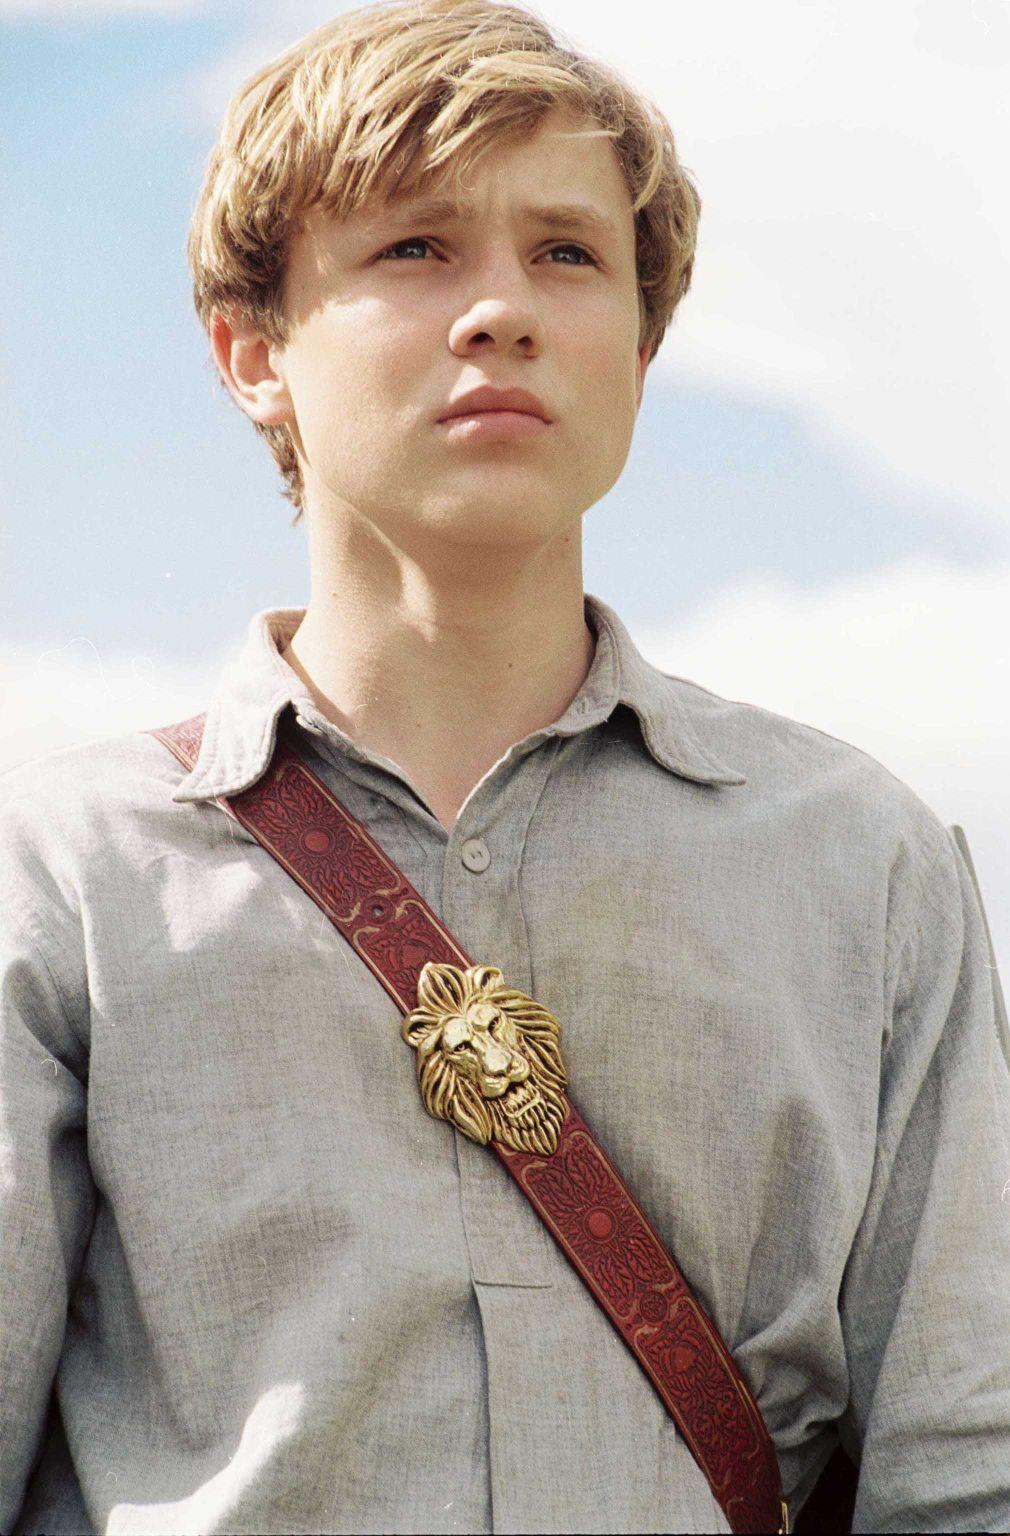 Peter | Narnia Fans - Part 2